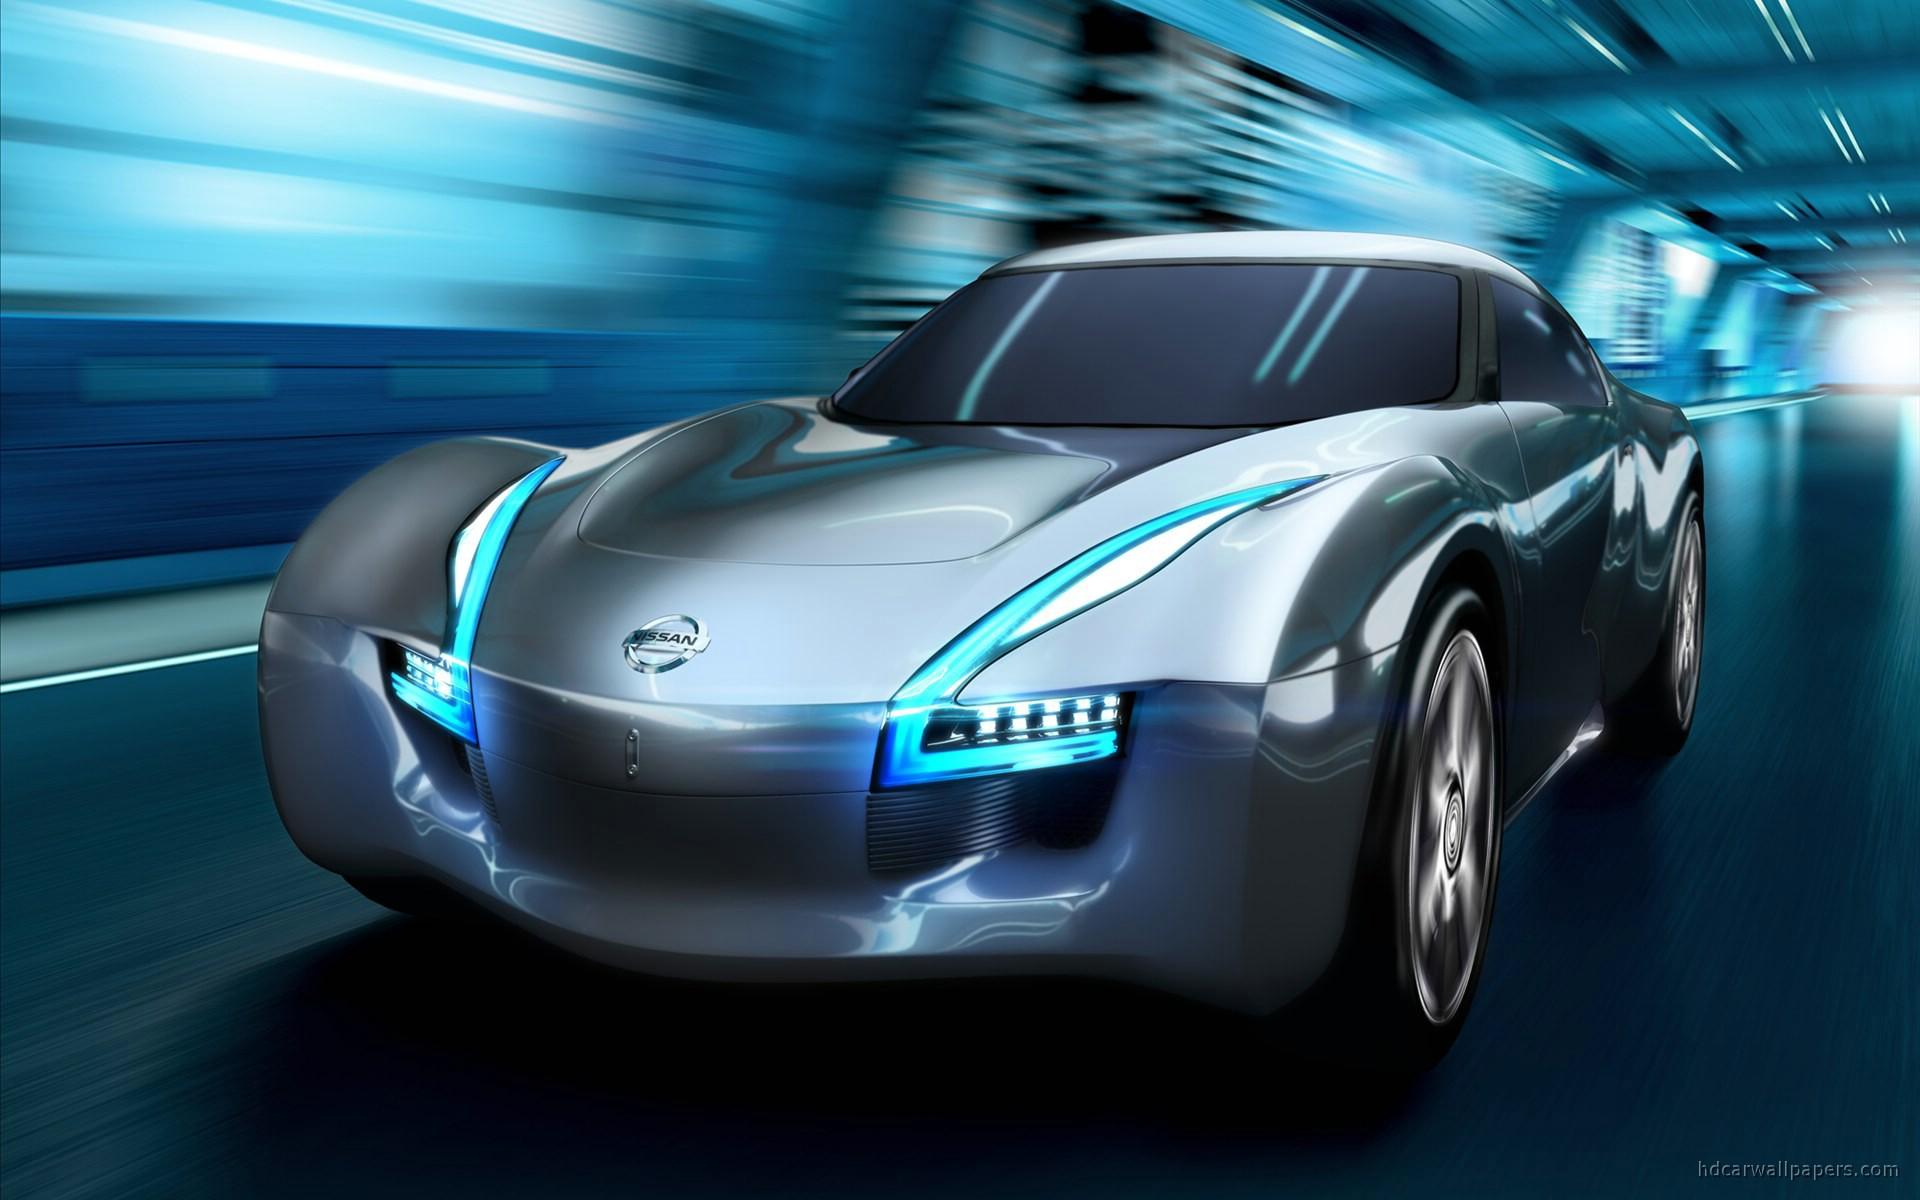 www.car.com | Carsjp.com